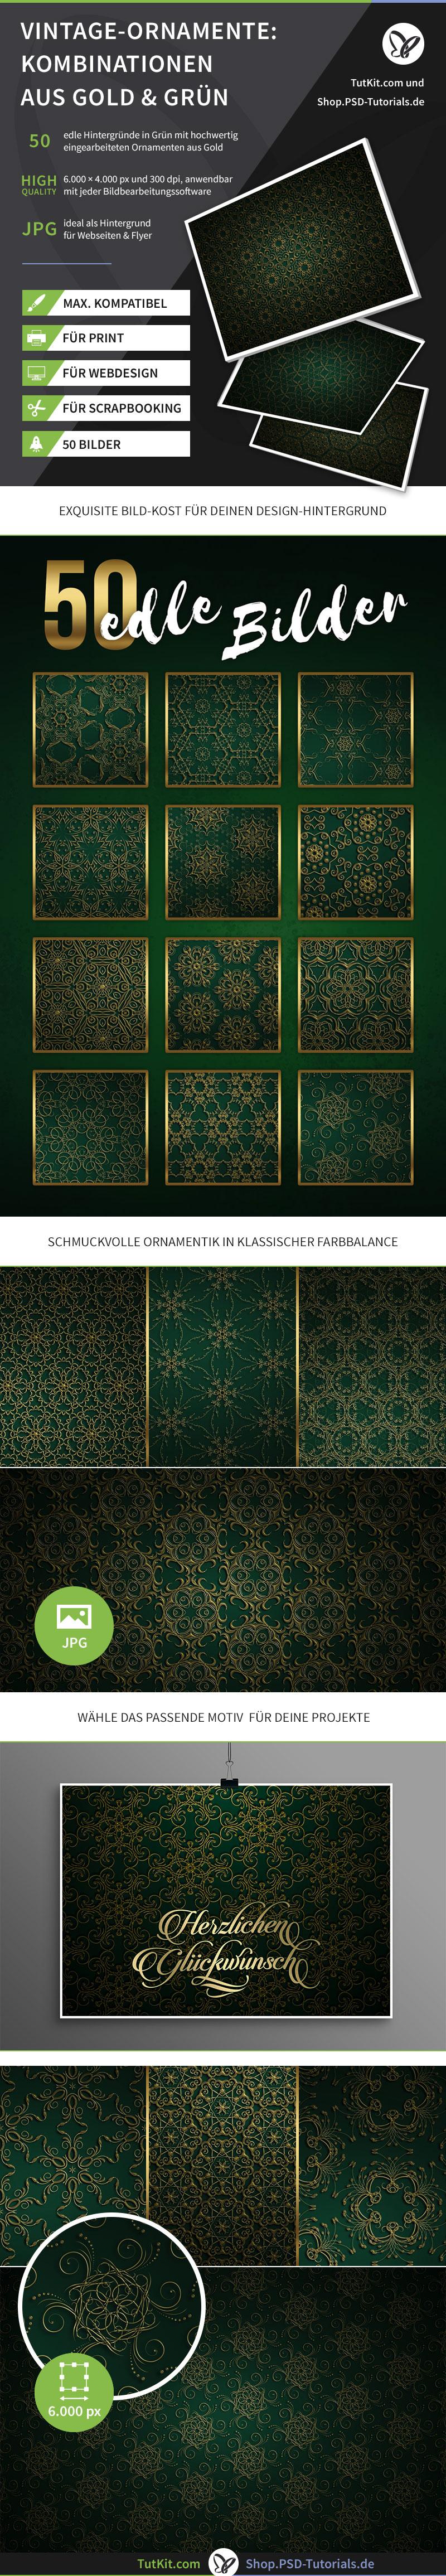 Überblick über die goldenen Ornamente auf grünem Hintergrund